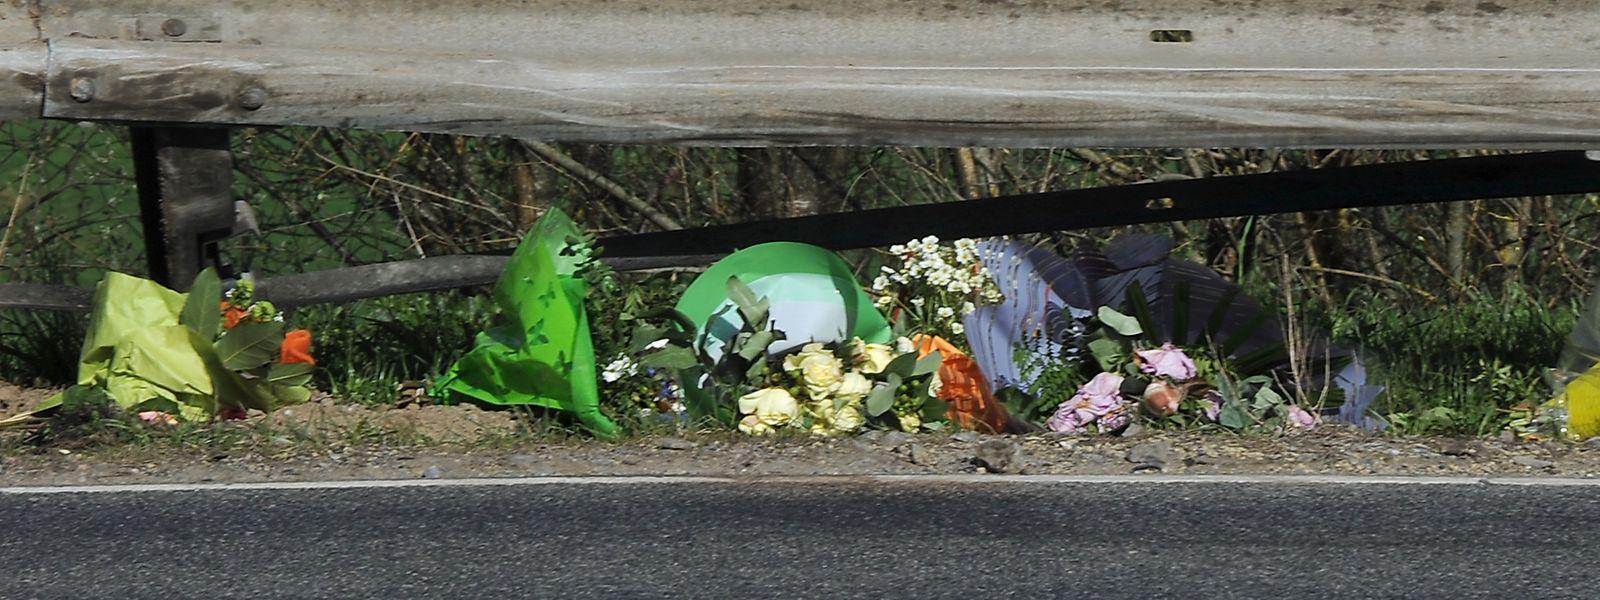 An der Unfallstelle in Lausdorn sind die Spuren des Unfalls noch immer deutlich sichtbar. Unbekannte haben entlang der N7 Blumen im Gedenken an den verstorbenen Polizisten niedergelegt.